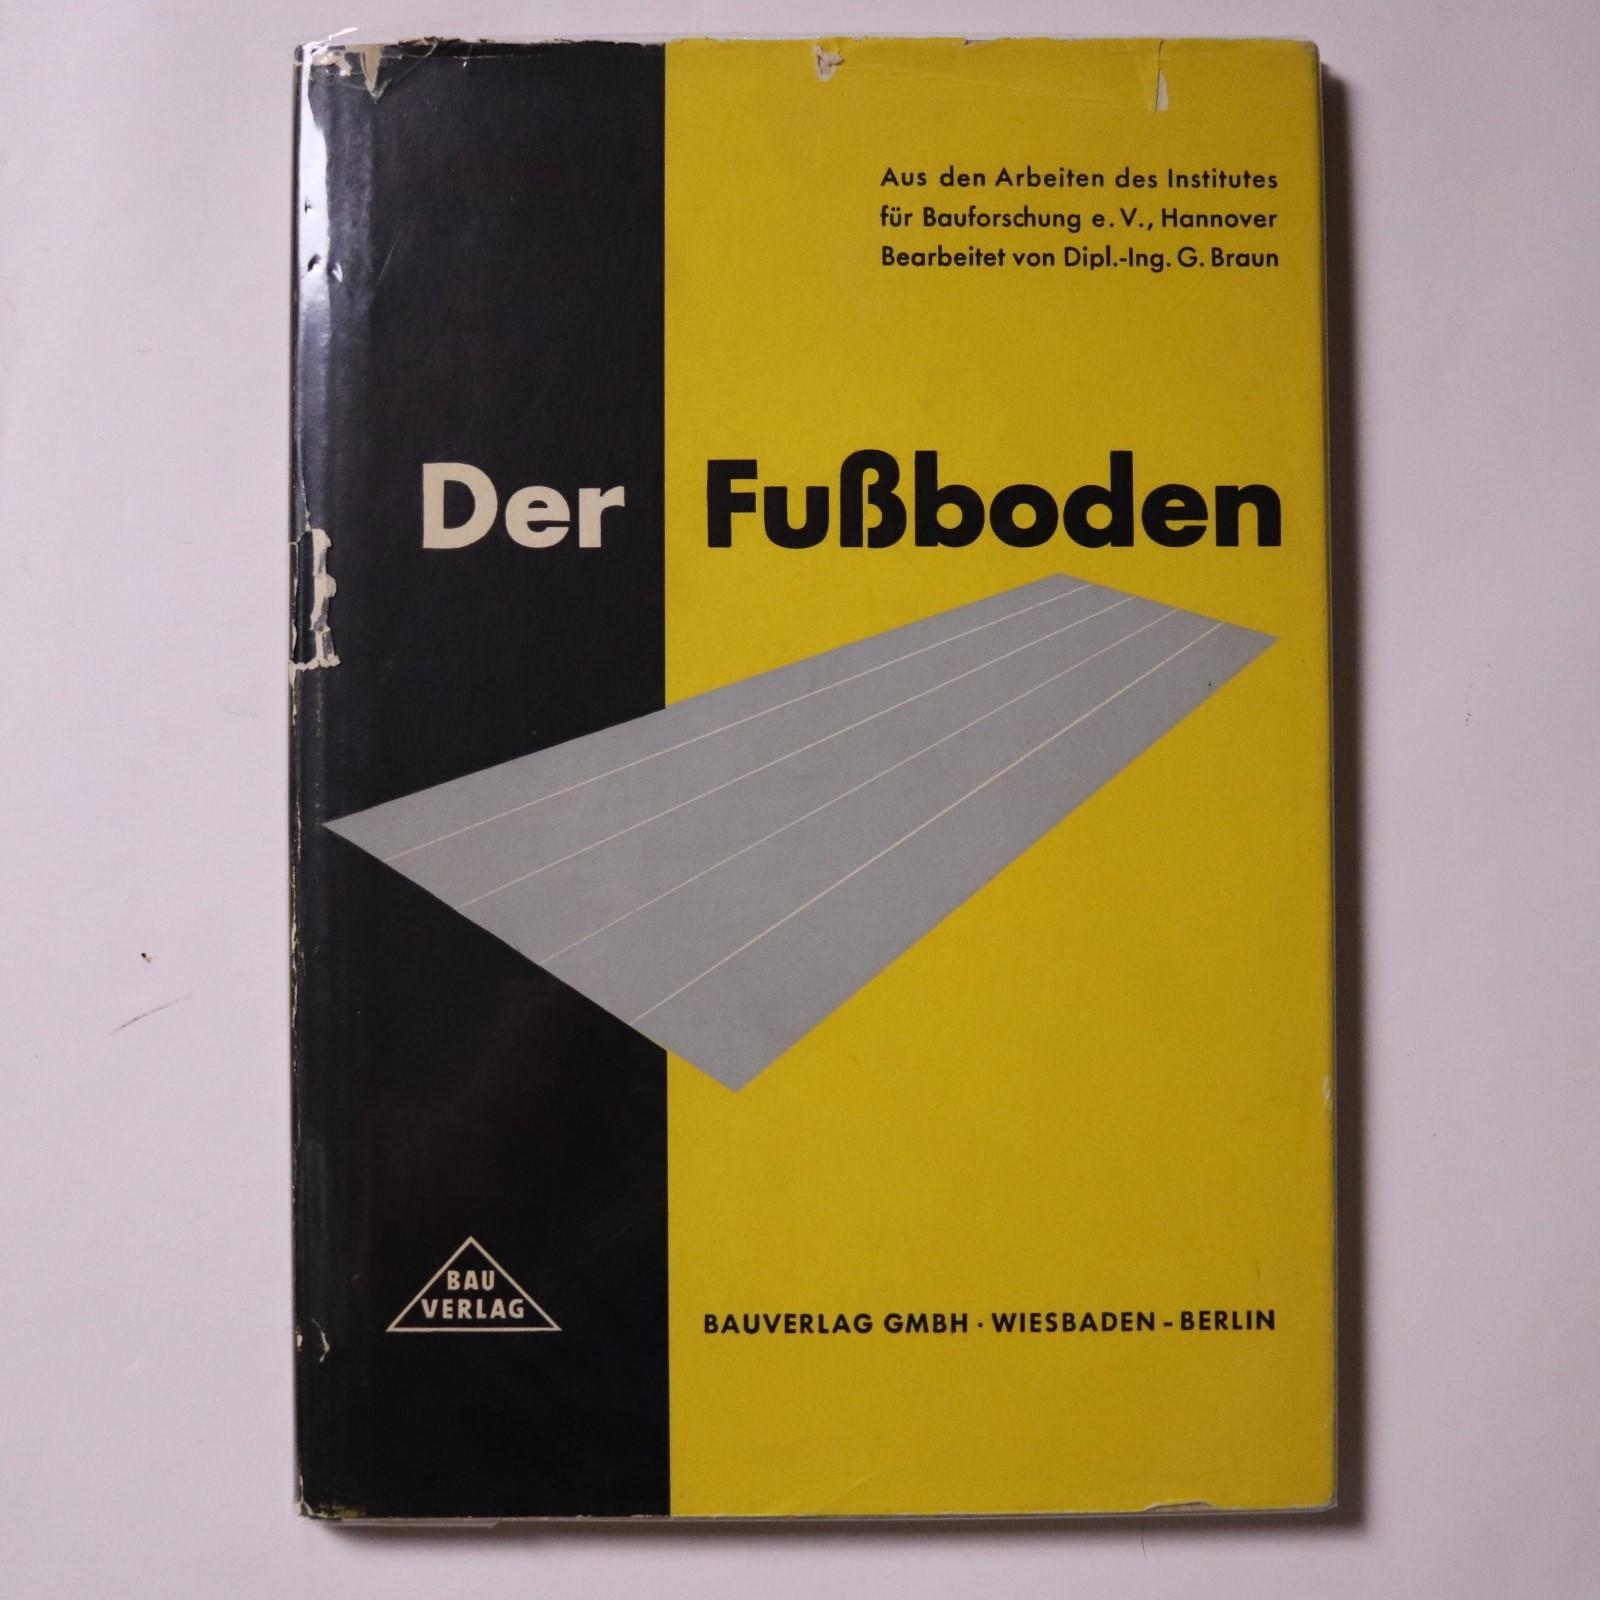 Der FuBboden : aus den Arbeiten des Institutes für Bauforschung e. V., Hannover / Gerhard Braun